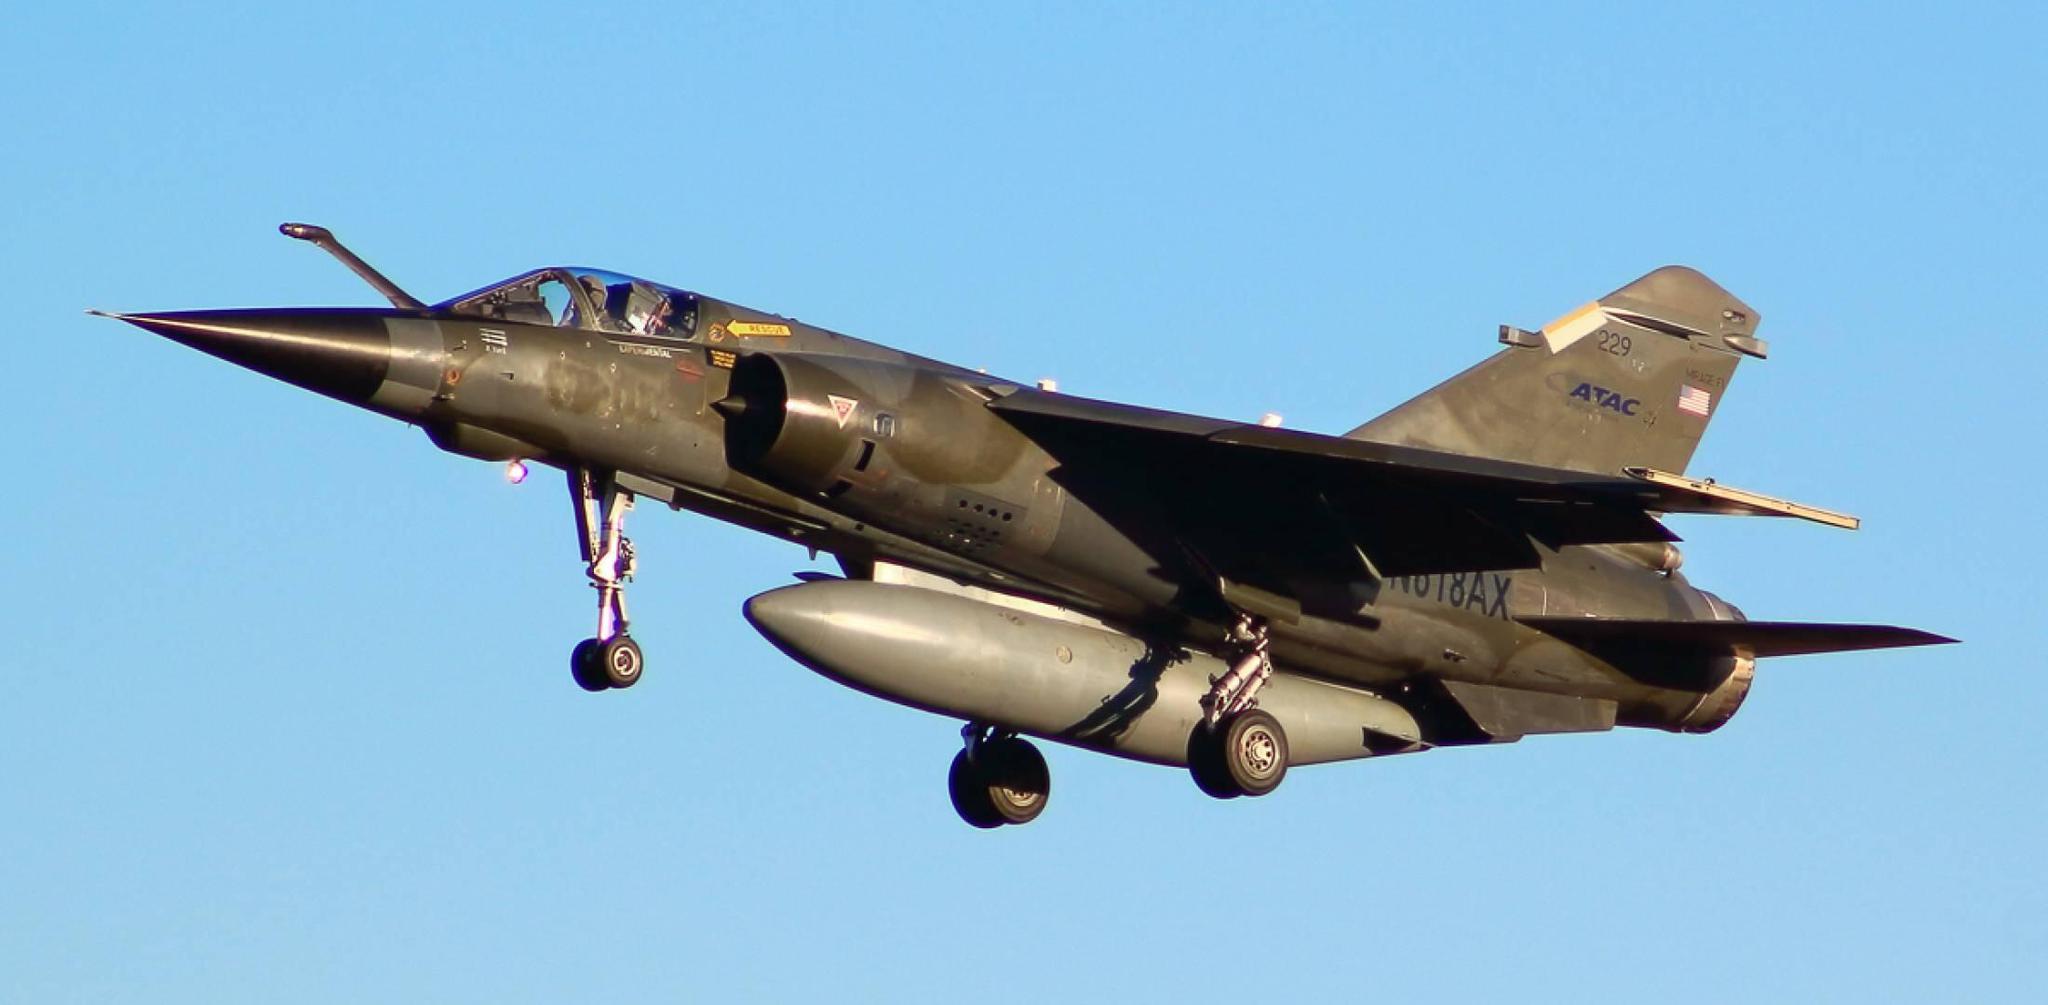 一架法国制造幻影F1战斗机在美军基地坠毁 两名飞